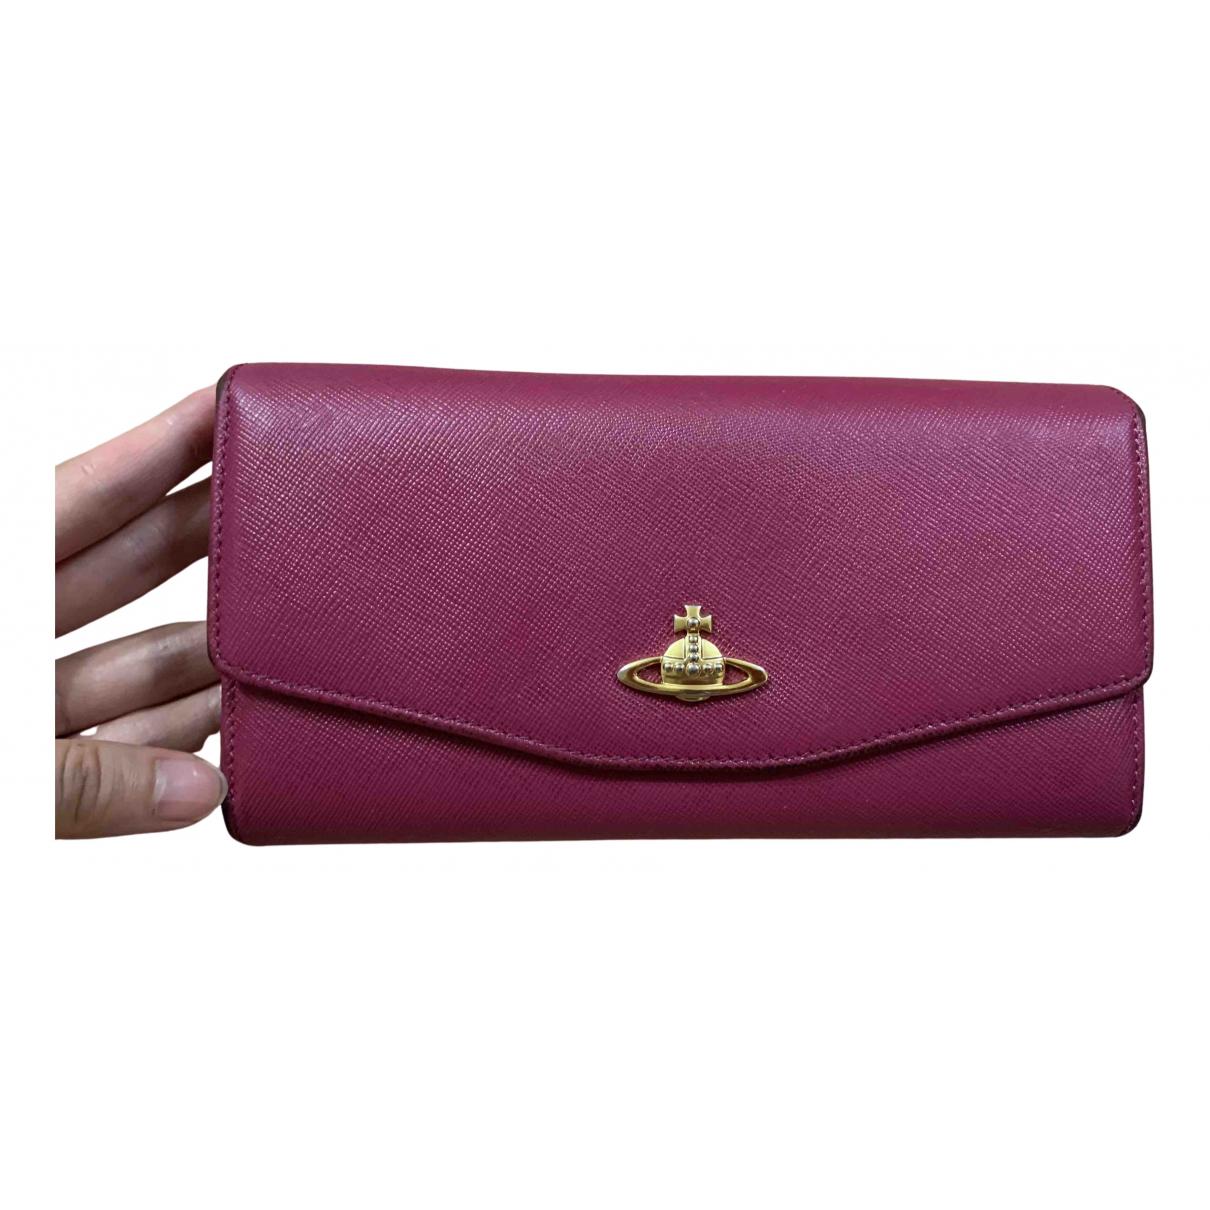 Vivienne Westwood - Portefeuille   pour femme en cuir - rose